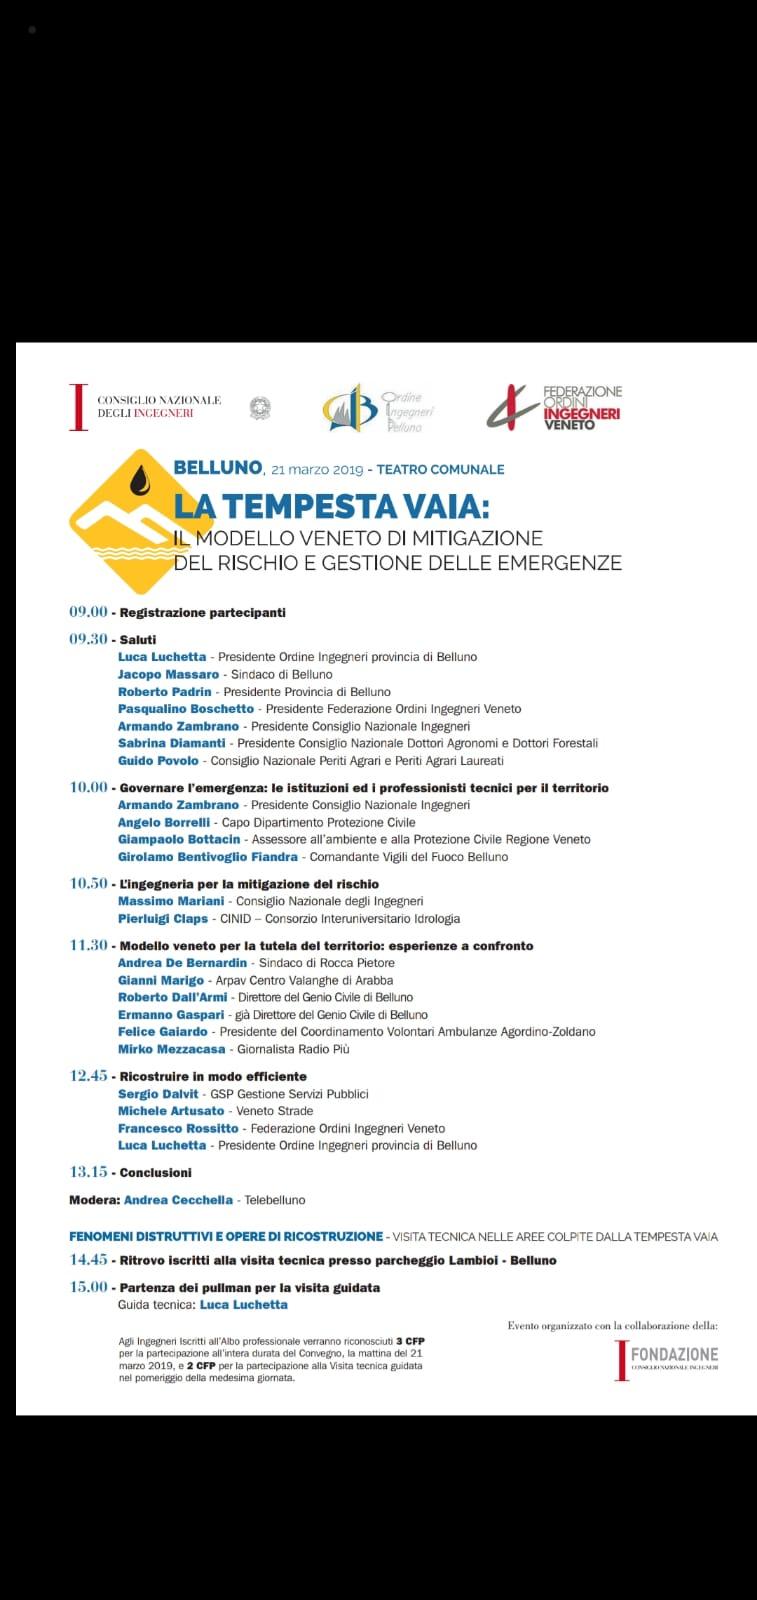 81e82745eb BELLUNO Partecipazione e attenzione al convegno organizzato giovedi al  Teatro Comunale di Belluno dal consiglio nazionale degli ingegneri, ...